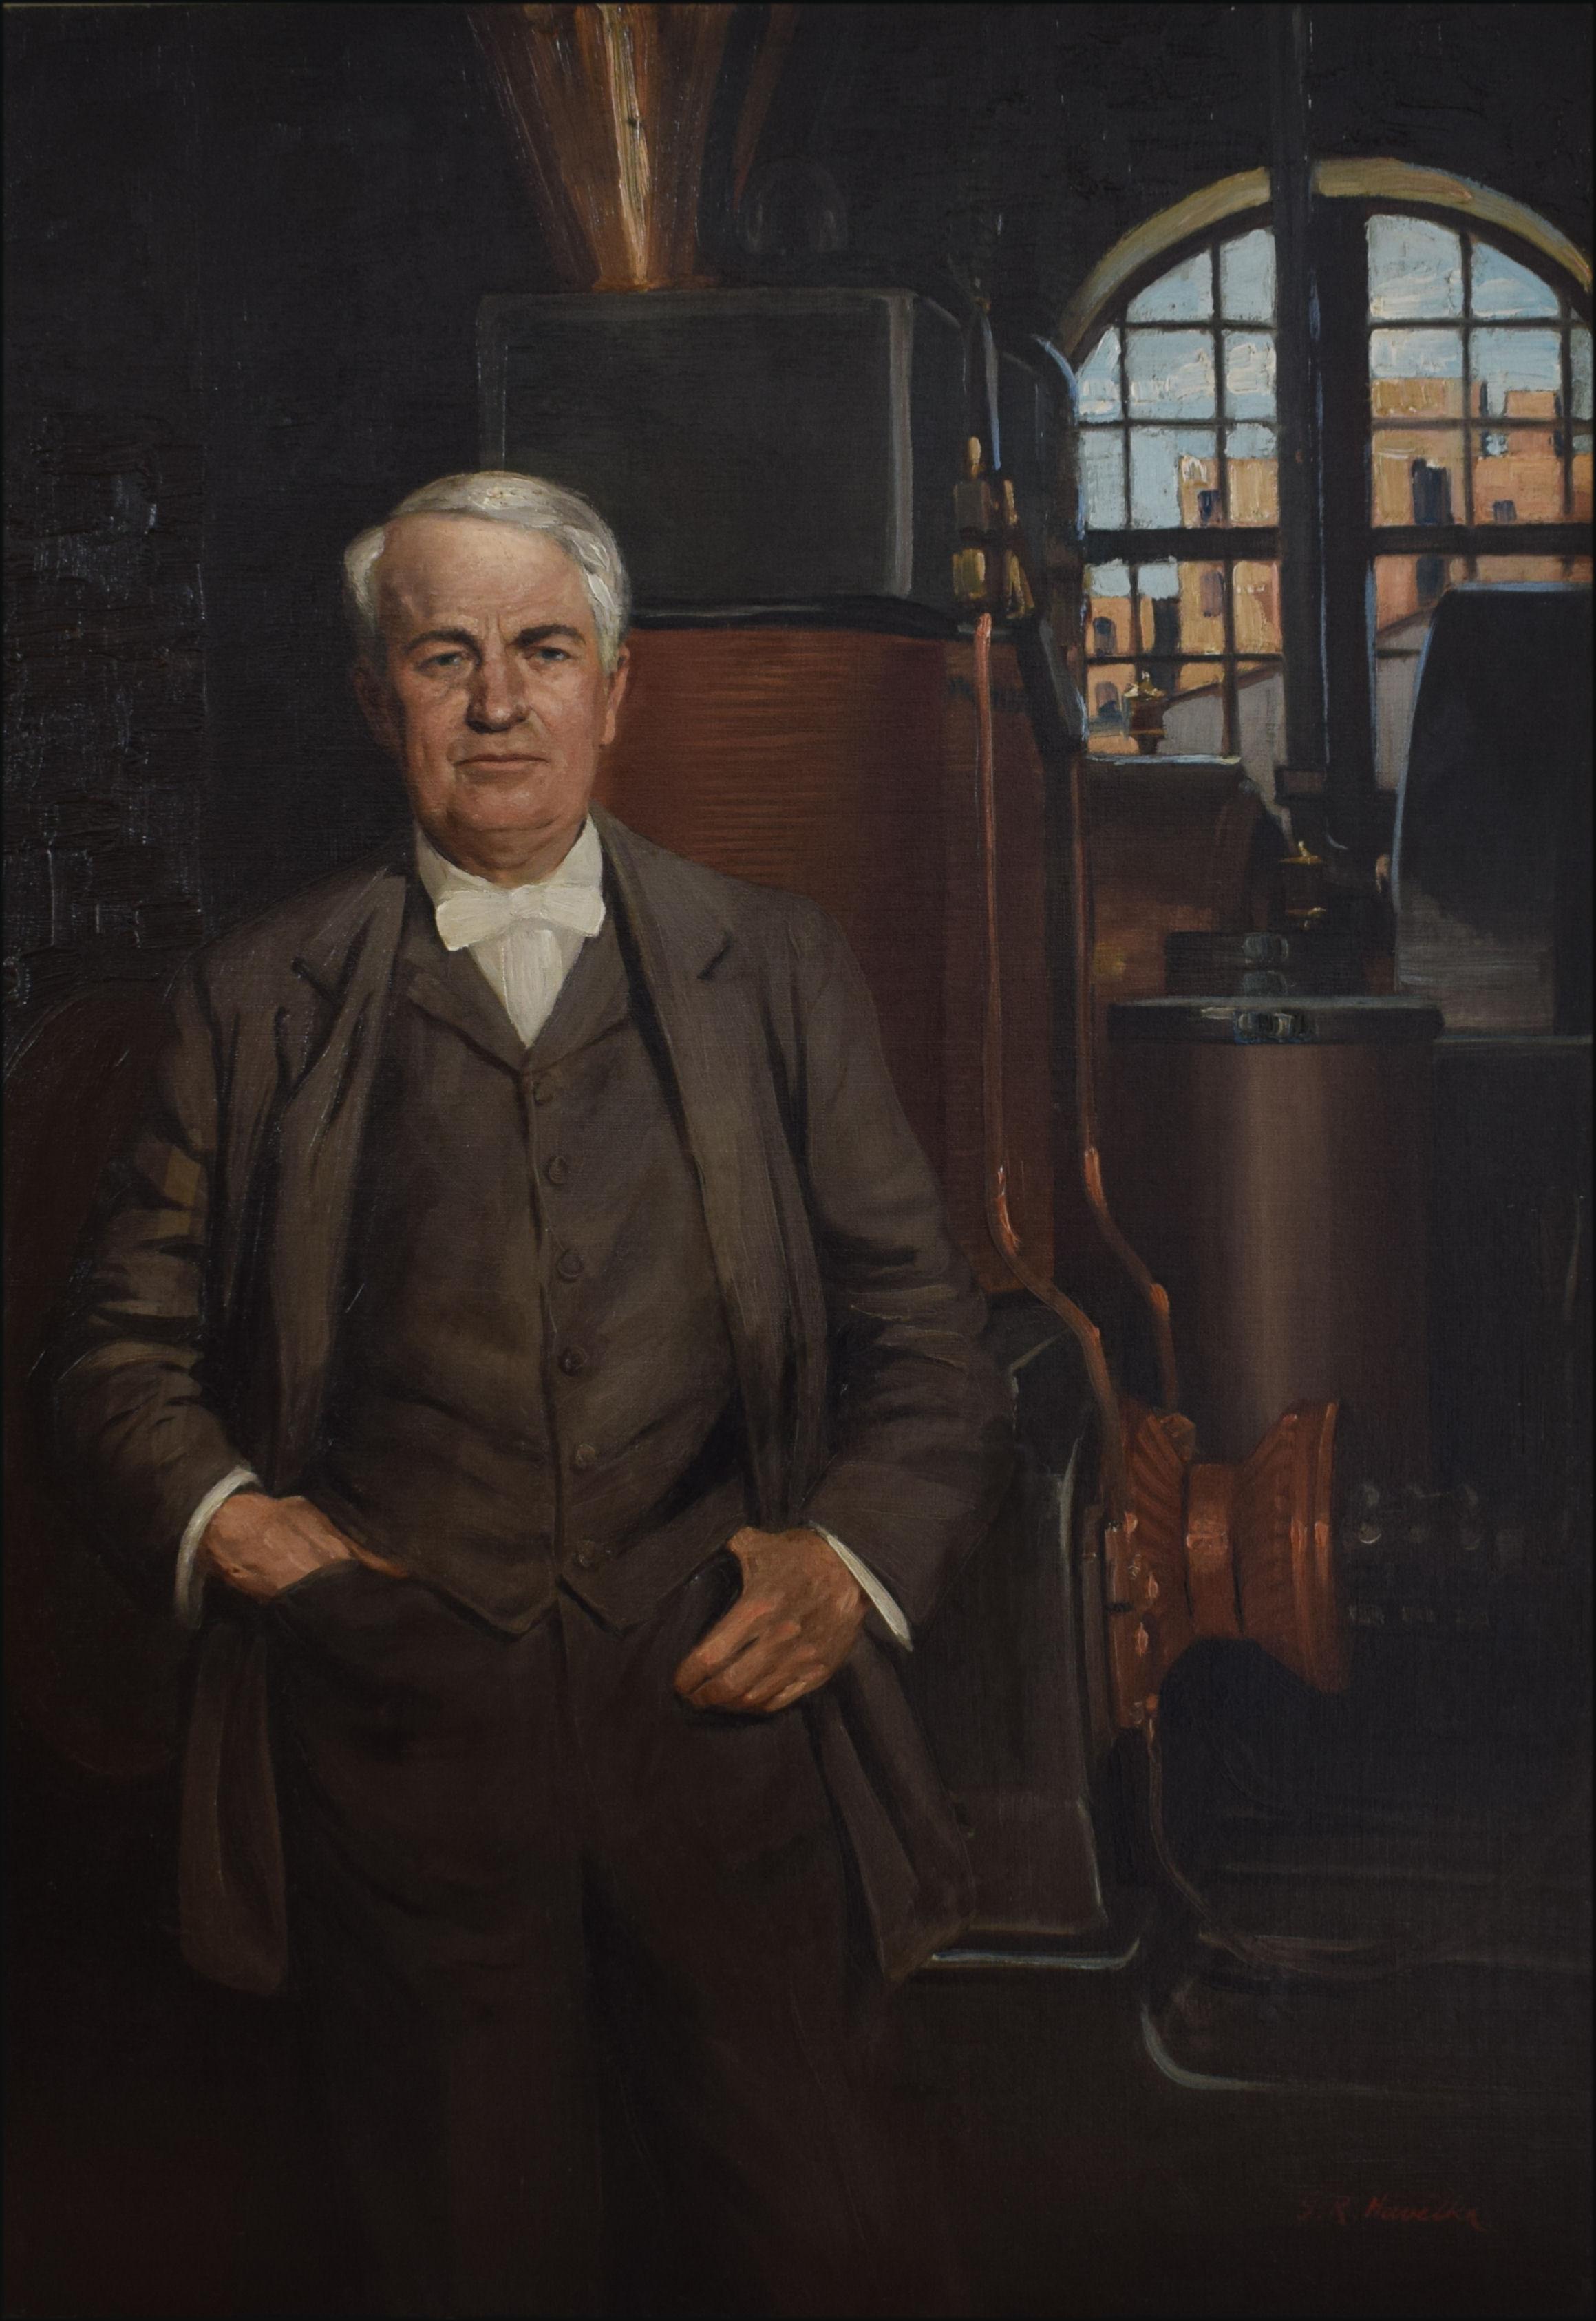 Portrait Of Thomas Alva Edison 1847